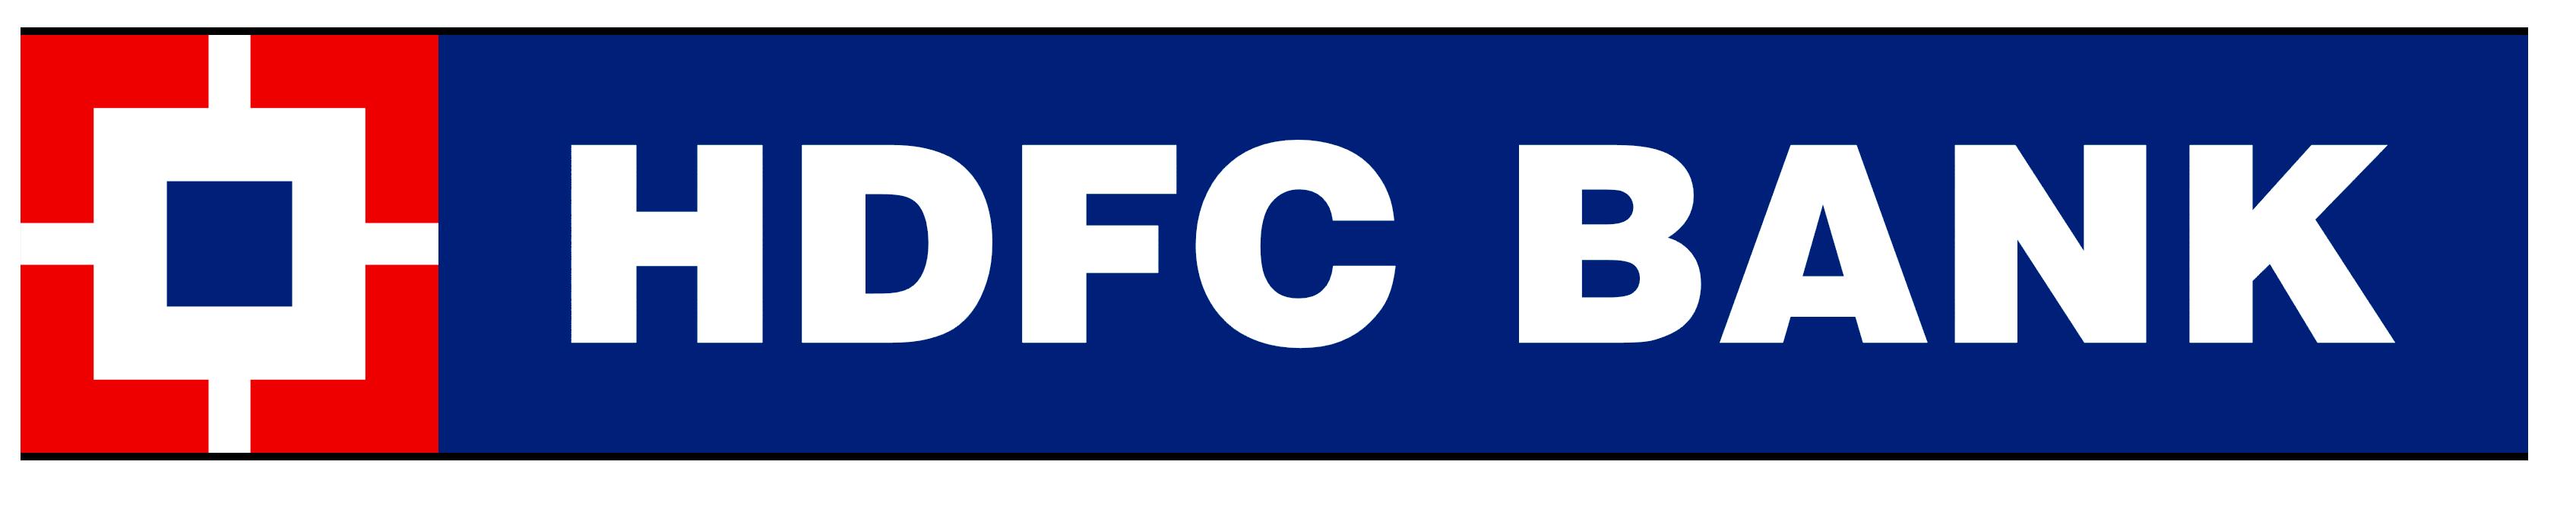 Food Bank Logo Vector